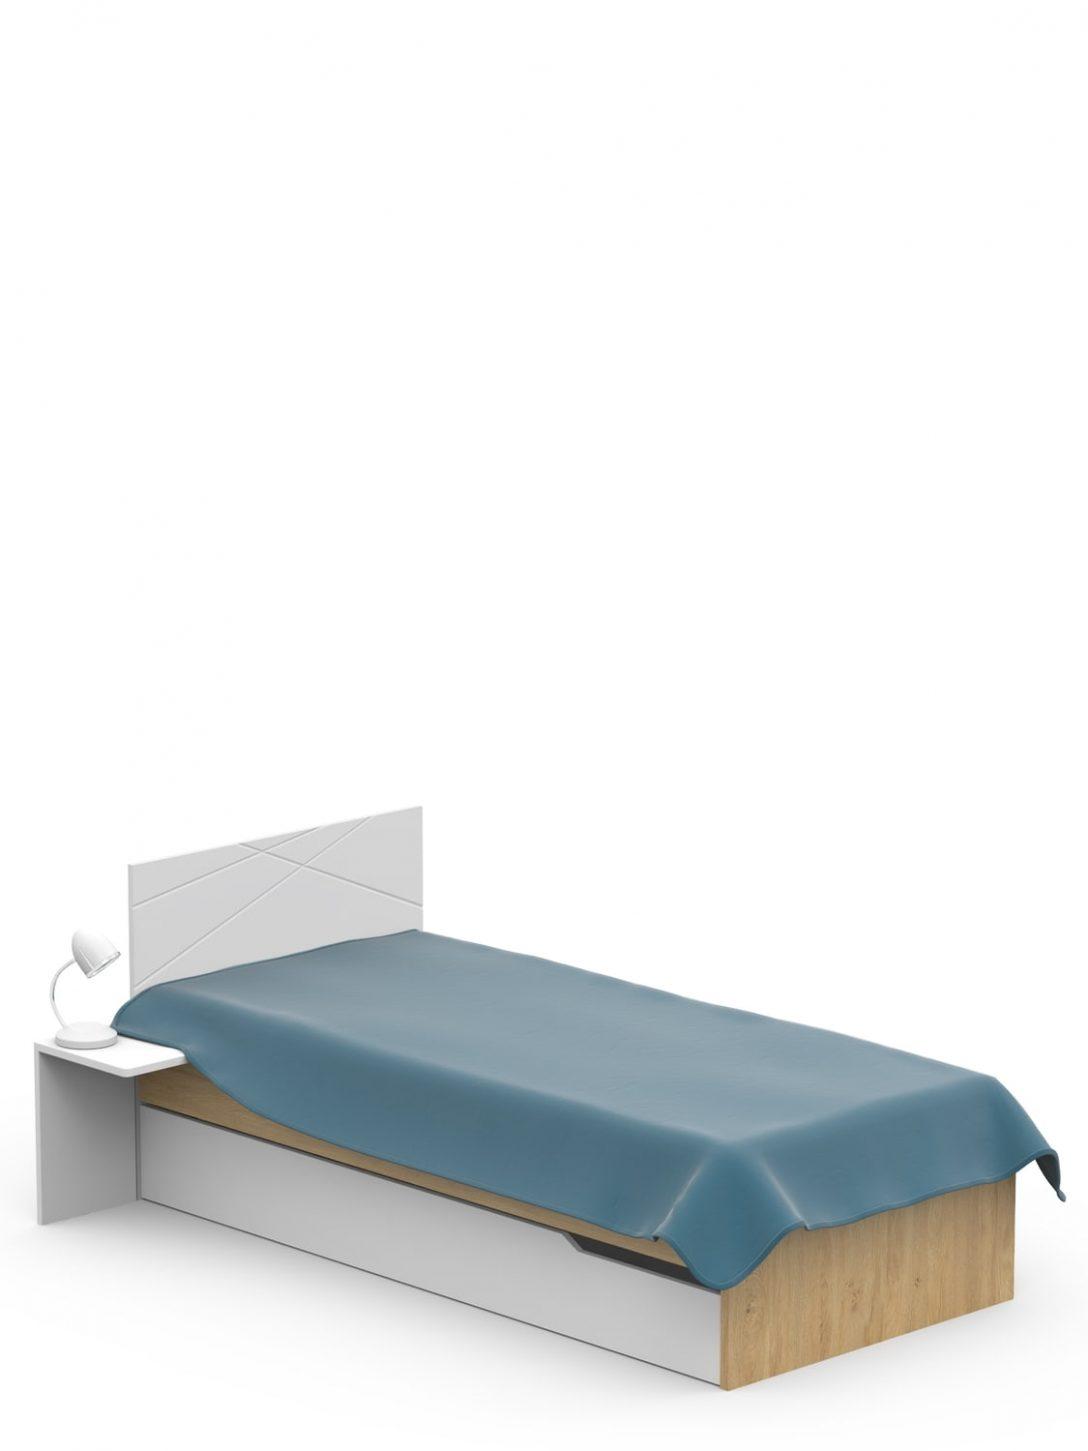 Large Size of Bett 120x200 Oak Meblik Günstig Kaufen 140x200 Mit Stauraum Sitzbank Bettkasten 180x200 Hülsta Boxspring Matratze Und Lattenrost Selber Bauen Weißes Grau Bett Bett 120x200